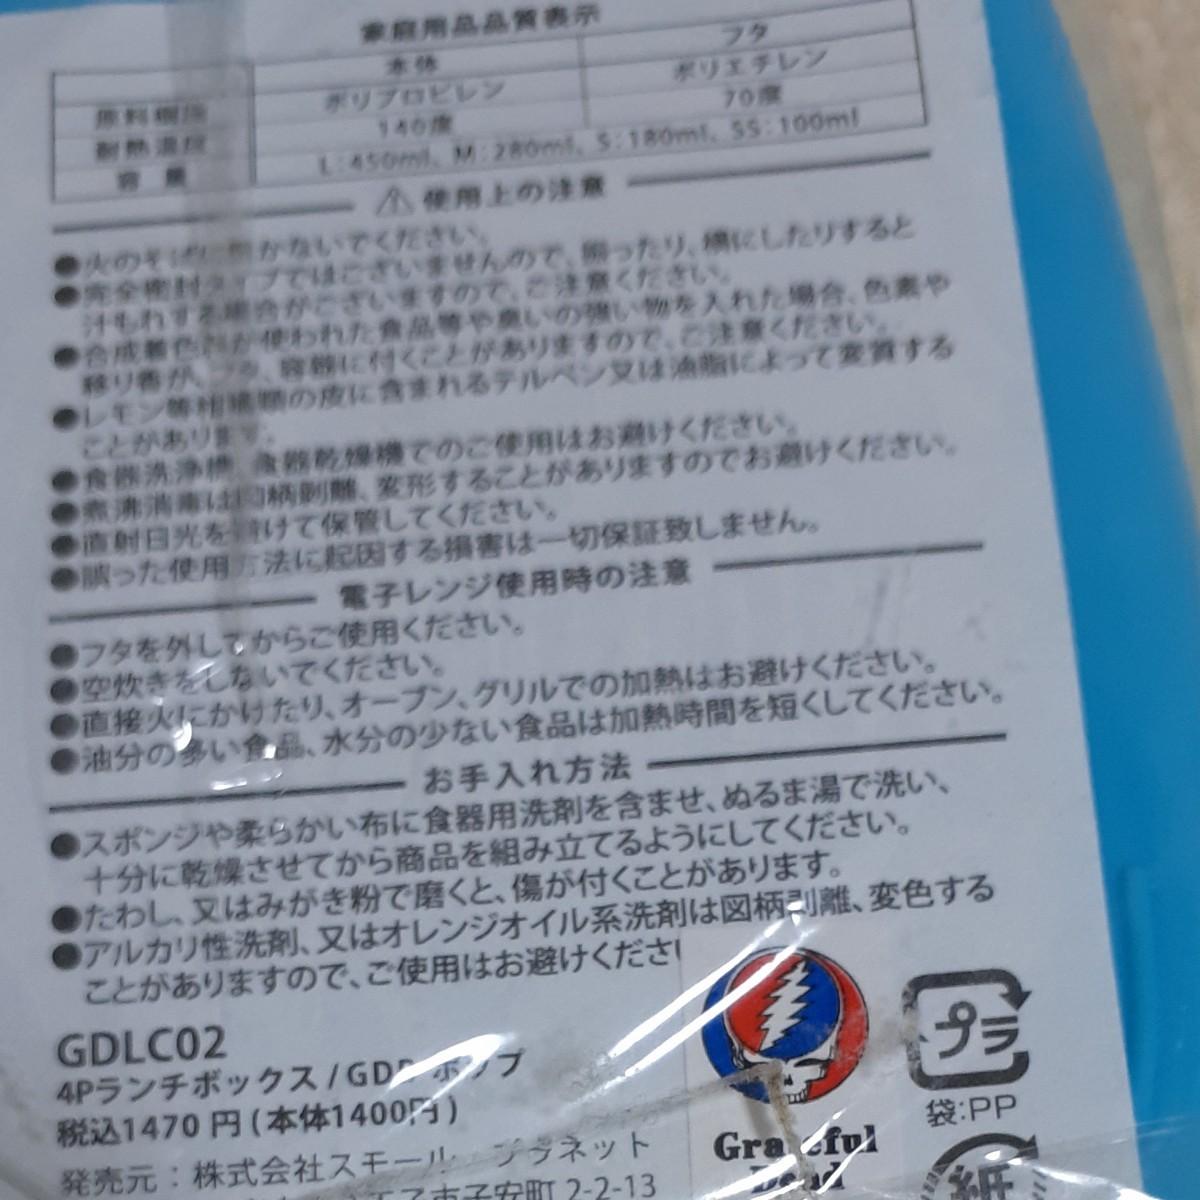 サーモス真空断熱ケータイマグ 0.5L 4pセットランチボックス JNO-502 ダークネイビー グレイトフルデットベア